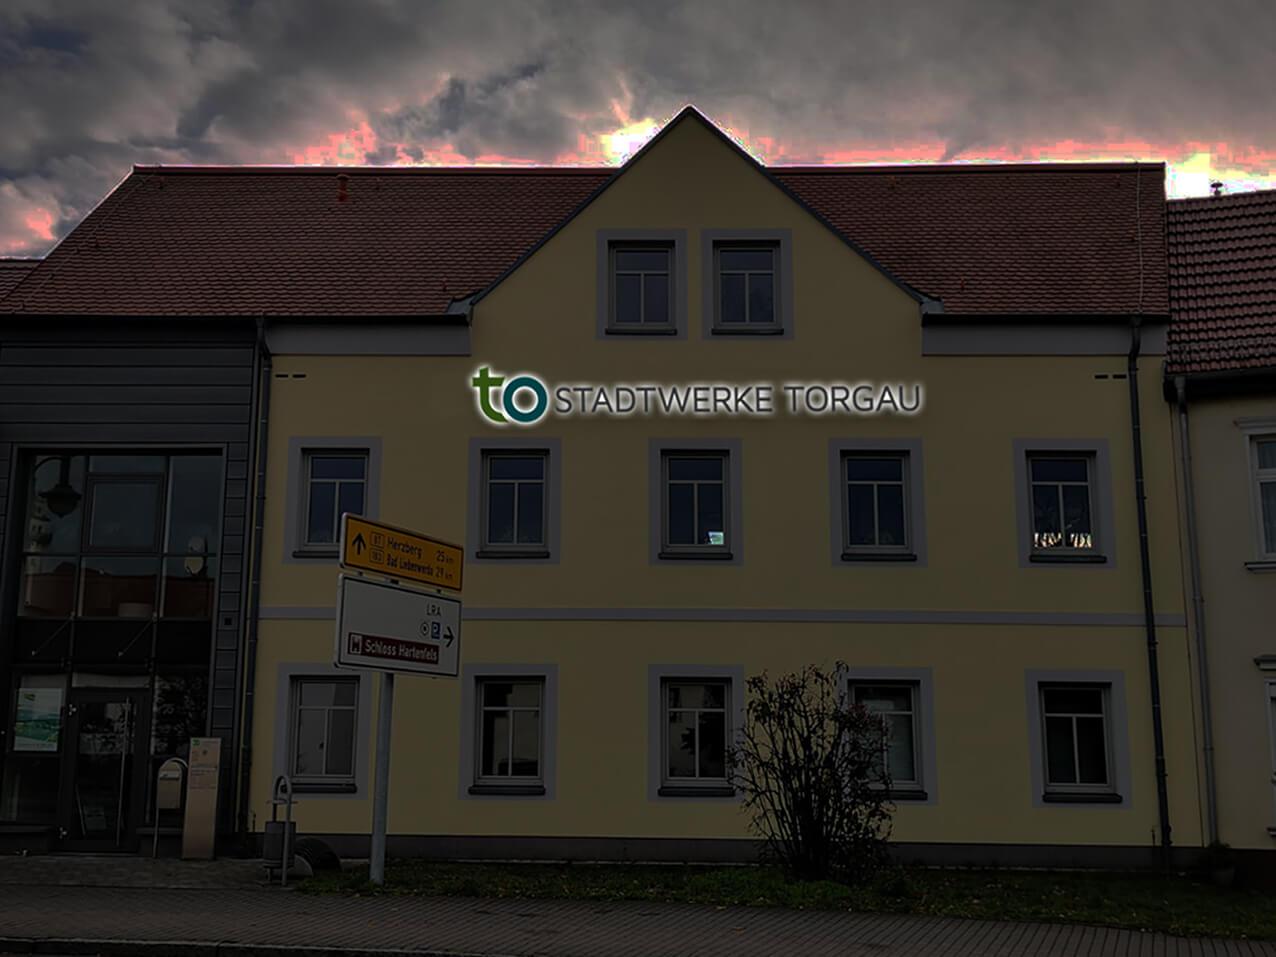 469-Stadtwerke-Torgau-Leuchtreklame-Fassade-Rueckleuchter